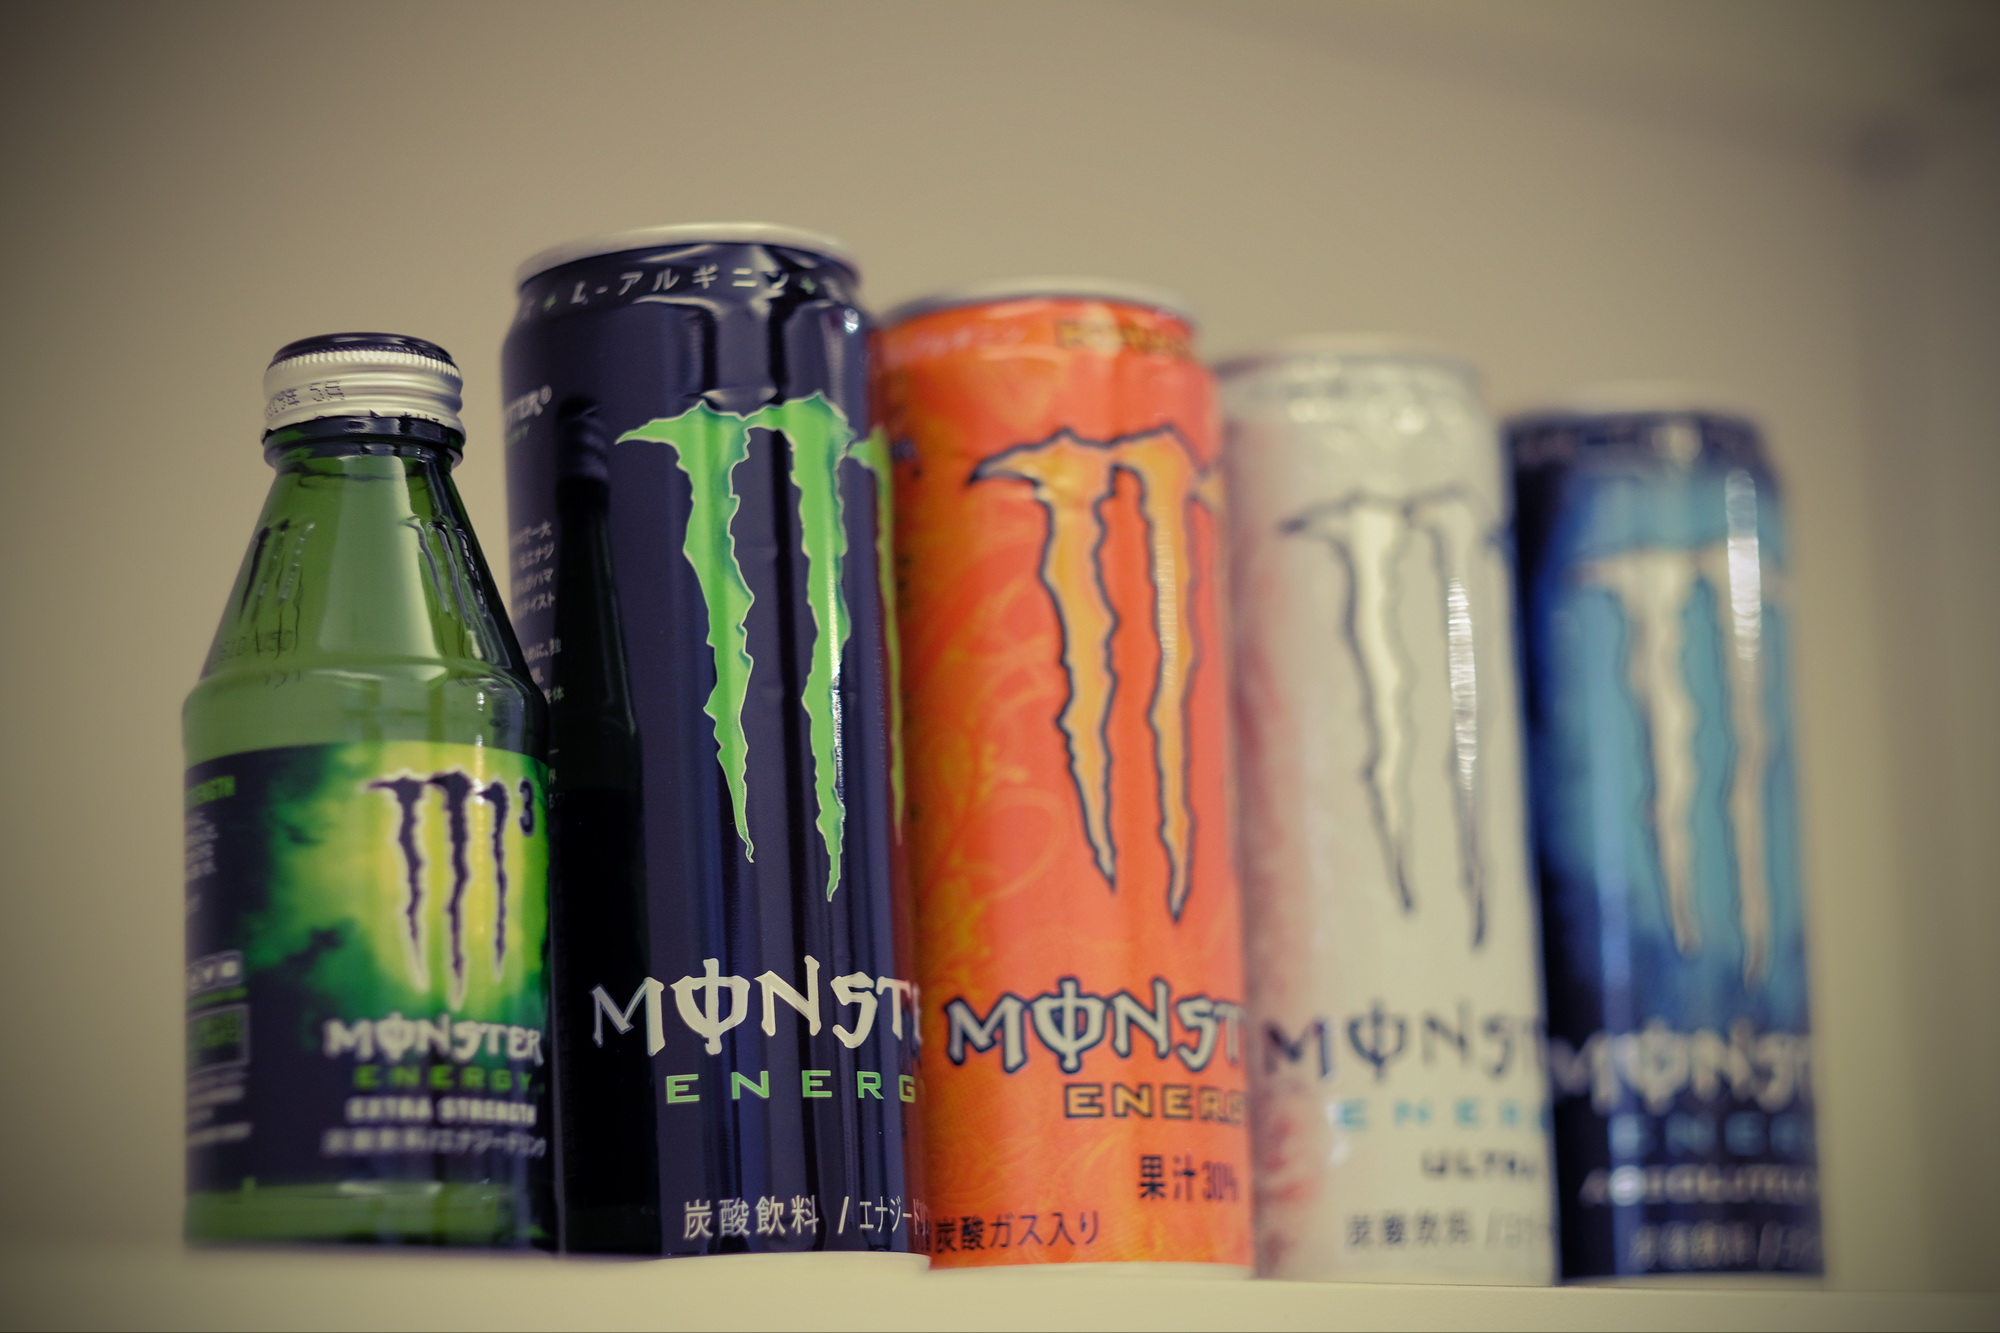 在國外其實有非常多Monster可以選擇,台灣初期只引進最基本的黑色